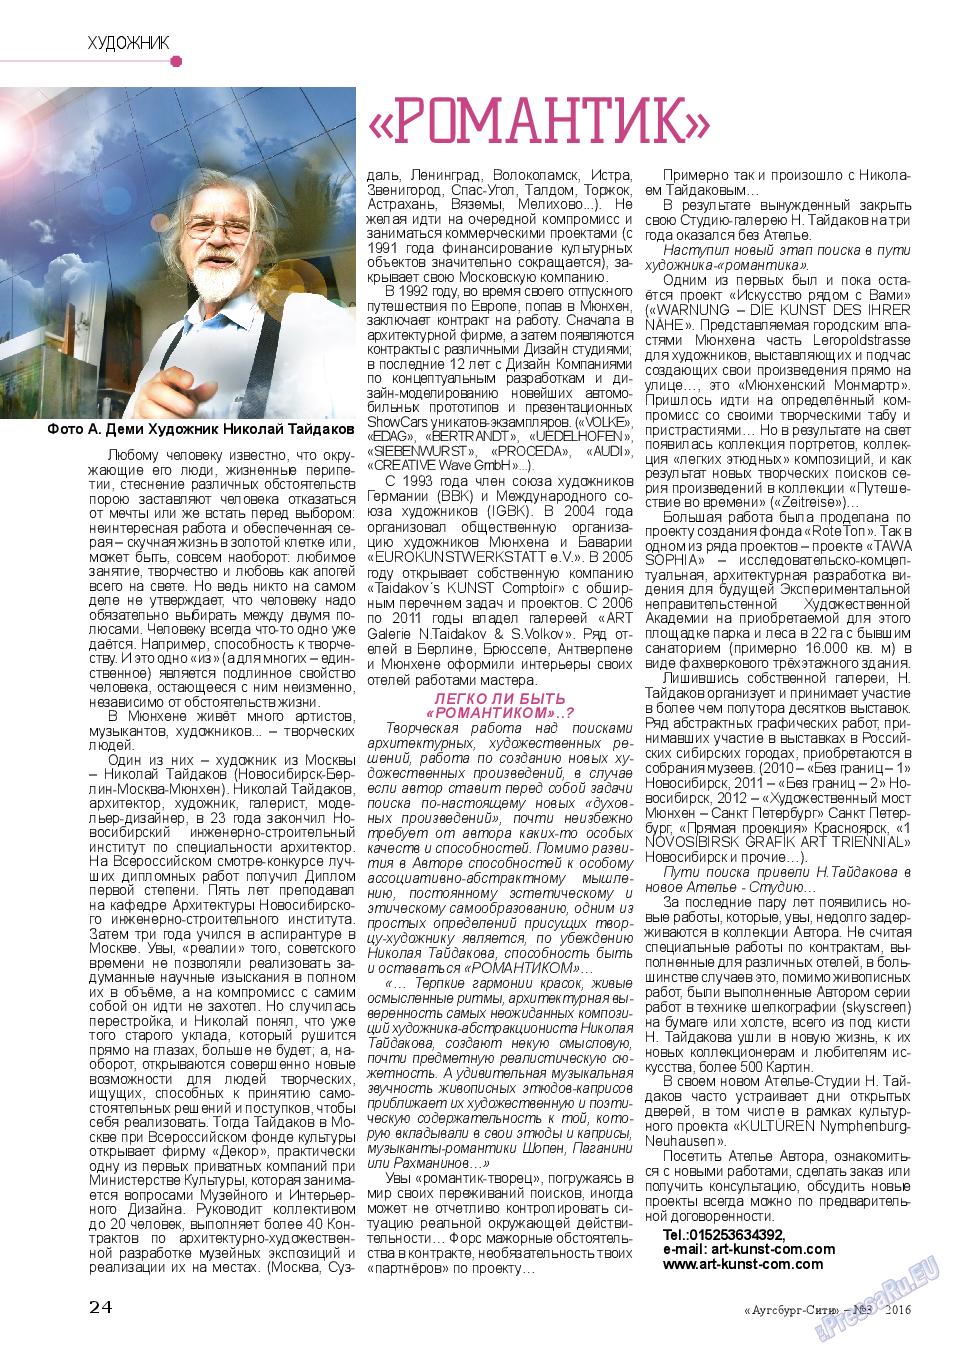 Аугсбург-сити (журнал). 2016 год, номер 3, стр. 24